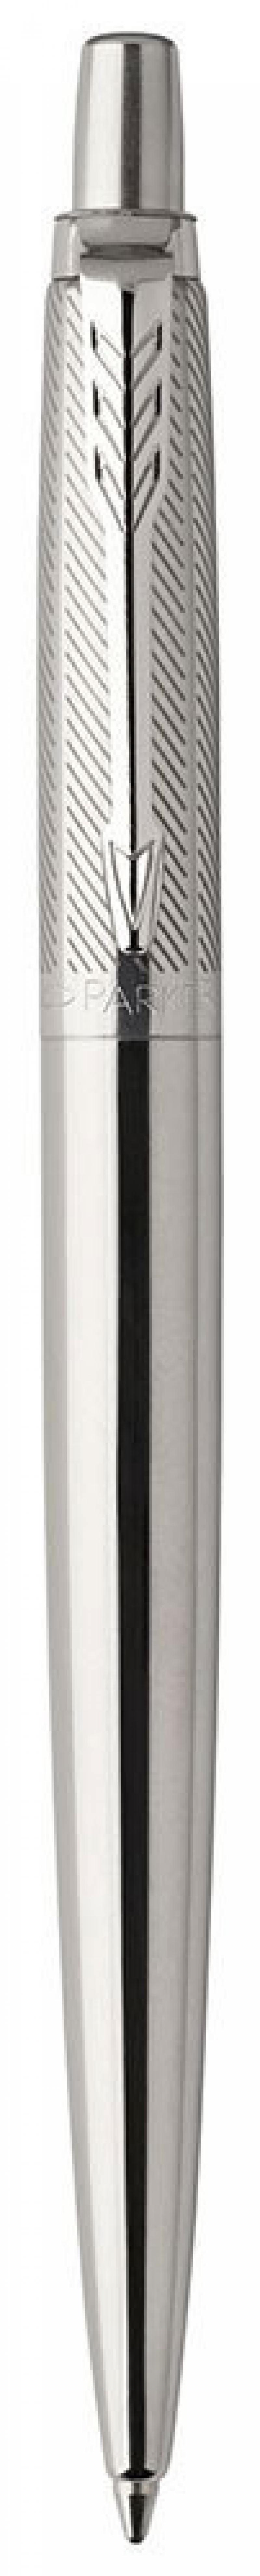 Шариковая ручка автоматическая Parker Jotter Premium K176 Stainless синий M 1953197 шариковая ручка parker jotter цвет красный 1005109